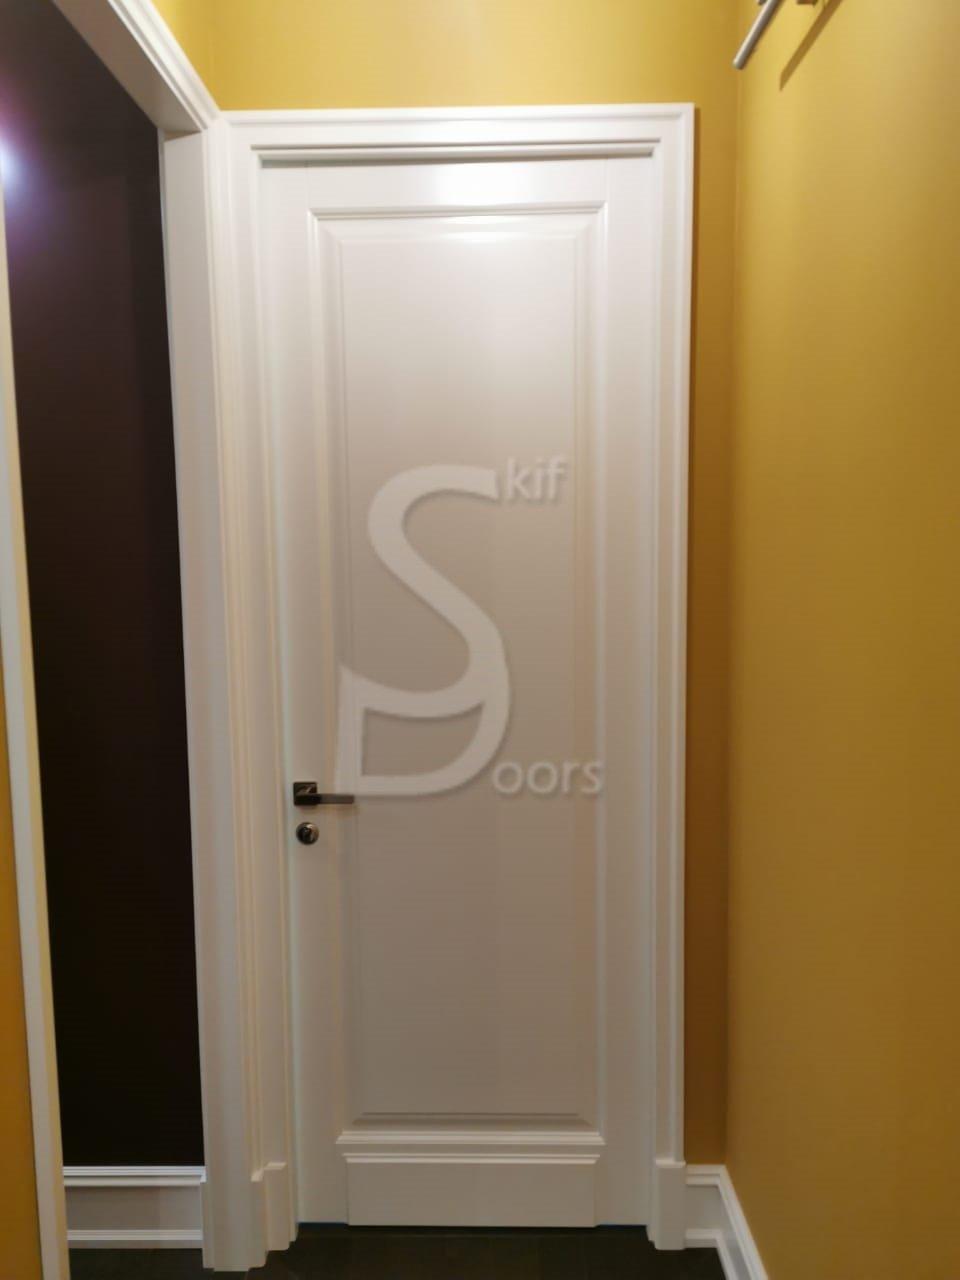 Sdoors (10)